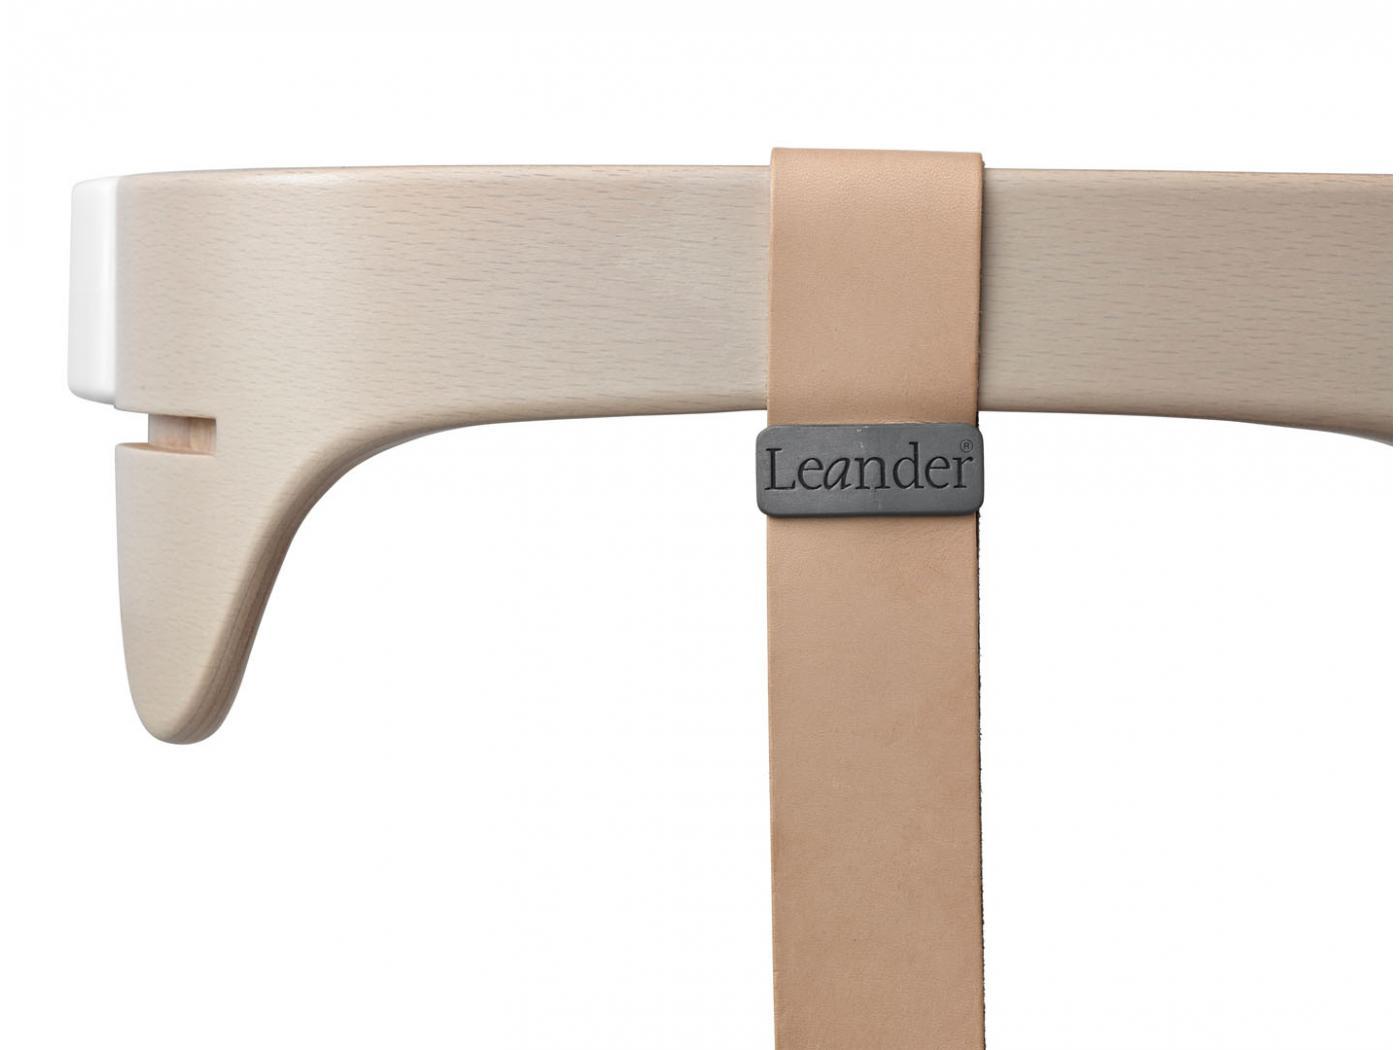 leander arceau de s curit c rus pour chaise haute new. Black Bedroom Furniture Sets. Home Design Ideas